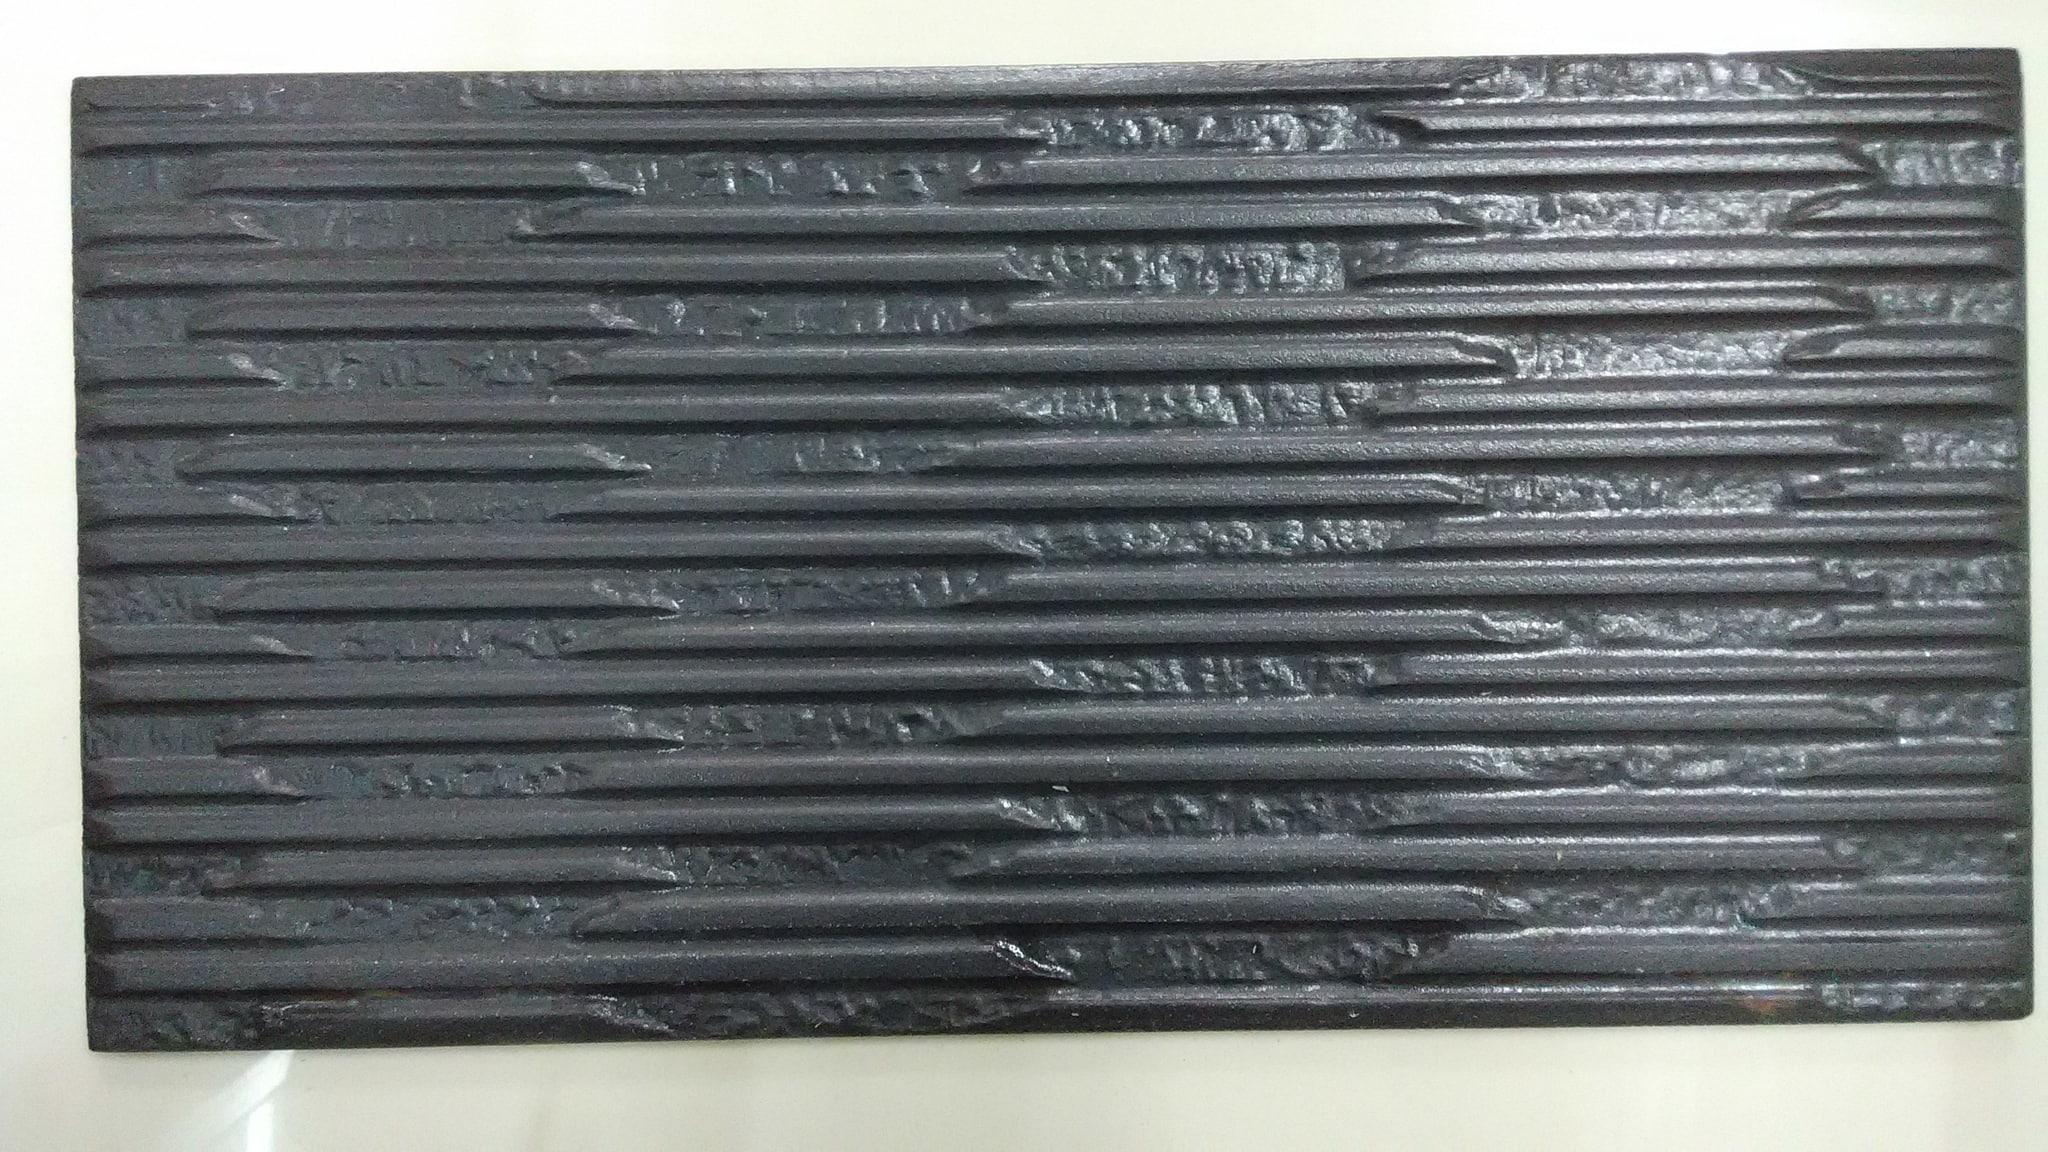 Harga Keramik Motif Batu Alam Untuk Dinding  Furniturumah